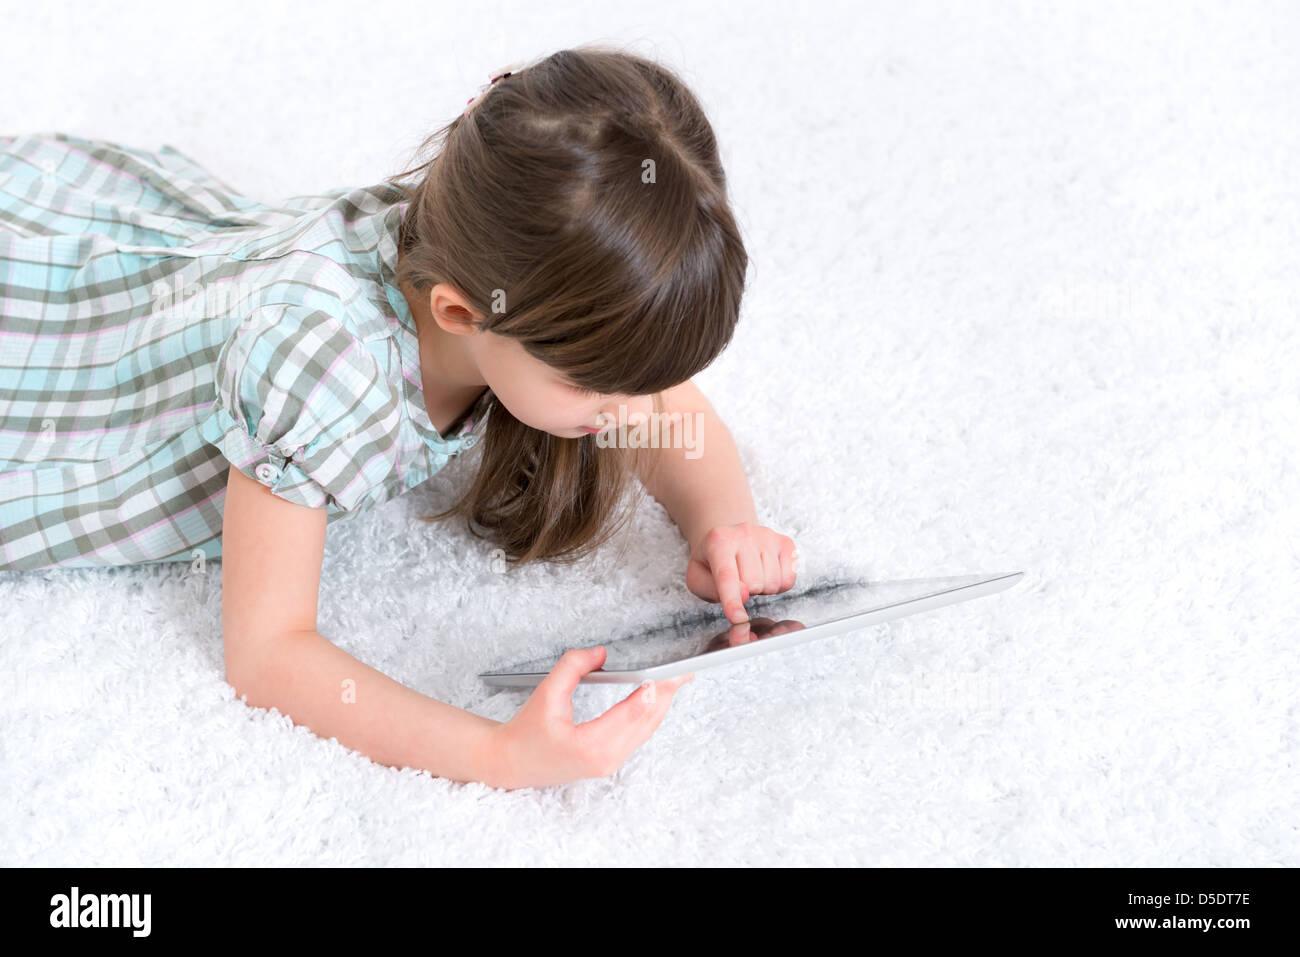 Niña (6-7 años) mirando y jugando con la tableta digital en una habitación blanca. Imagen De Stock